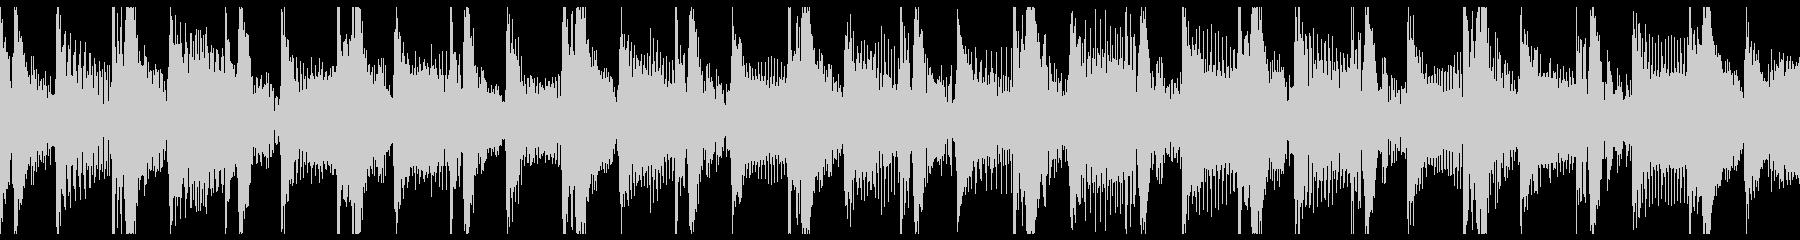 ファットアンドファンキーエレクトロ...の未再生の波形